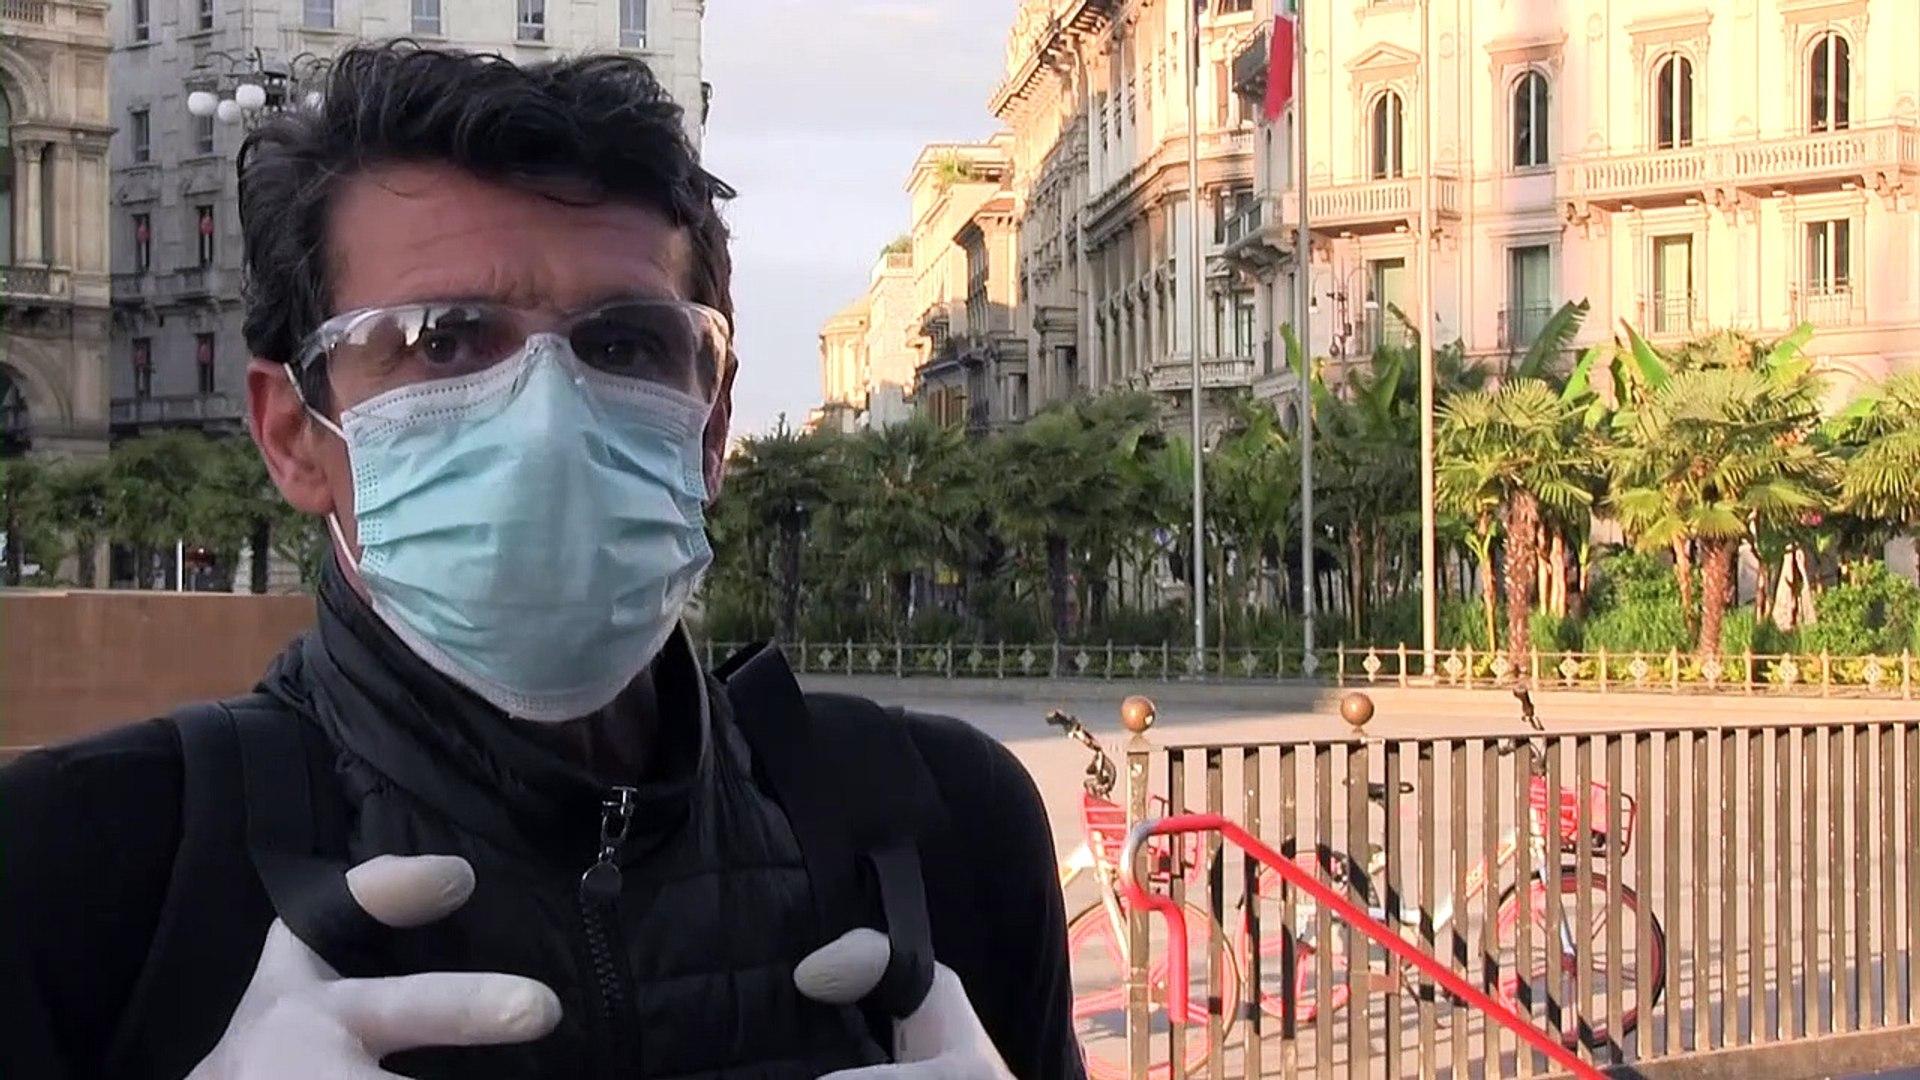 سكان إيطاليا يستعيدون حرية مقيّدة بعد نحو شهرين من العزل جراء كورونا المستجدّ